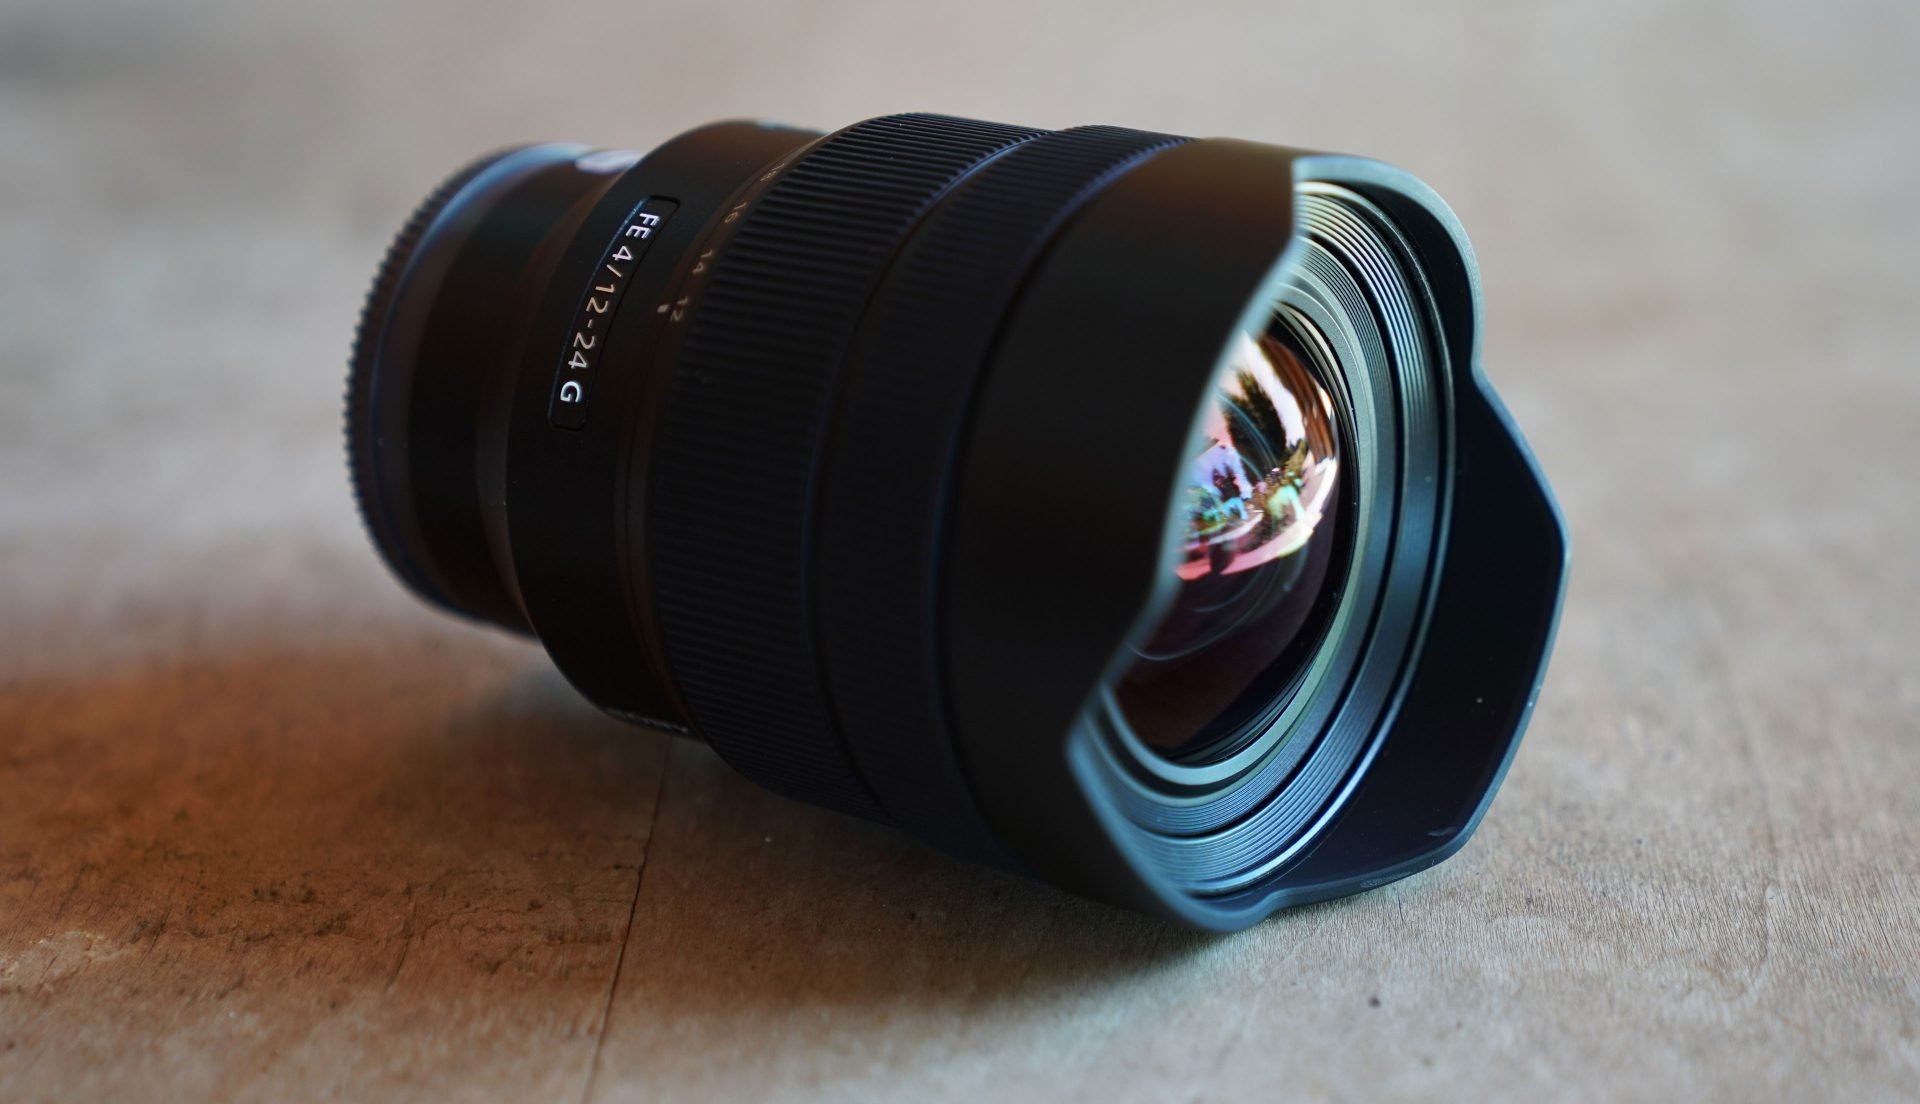 Sony_FE_12-24mm_header